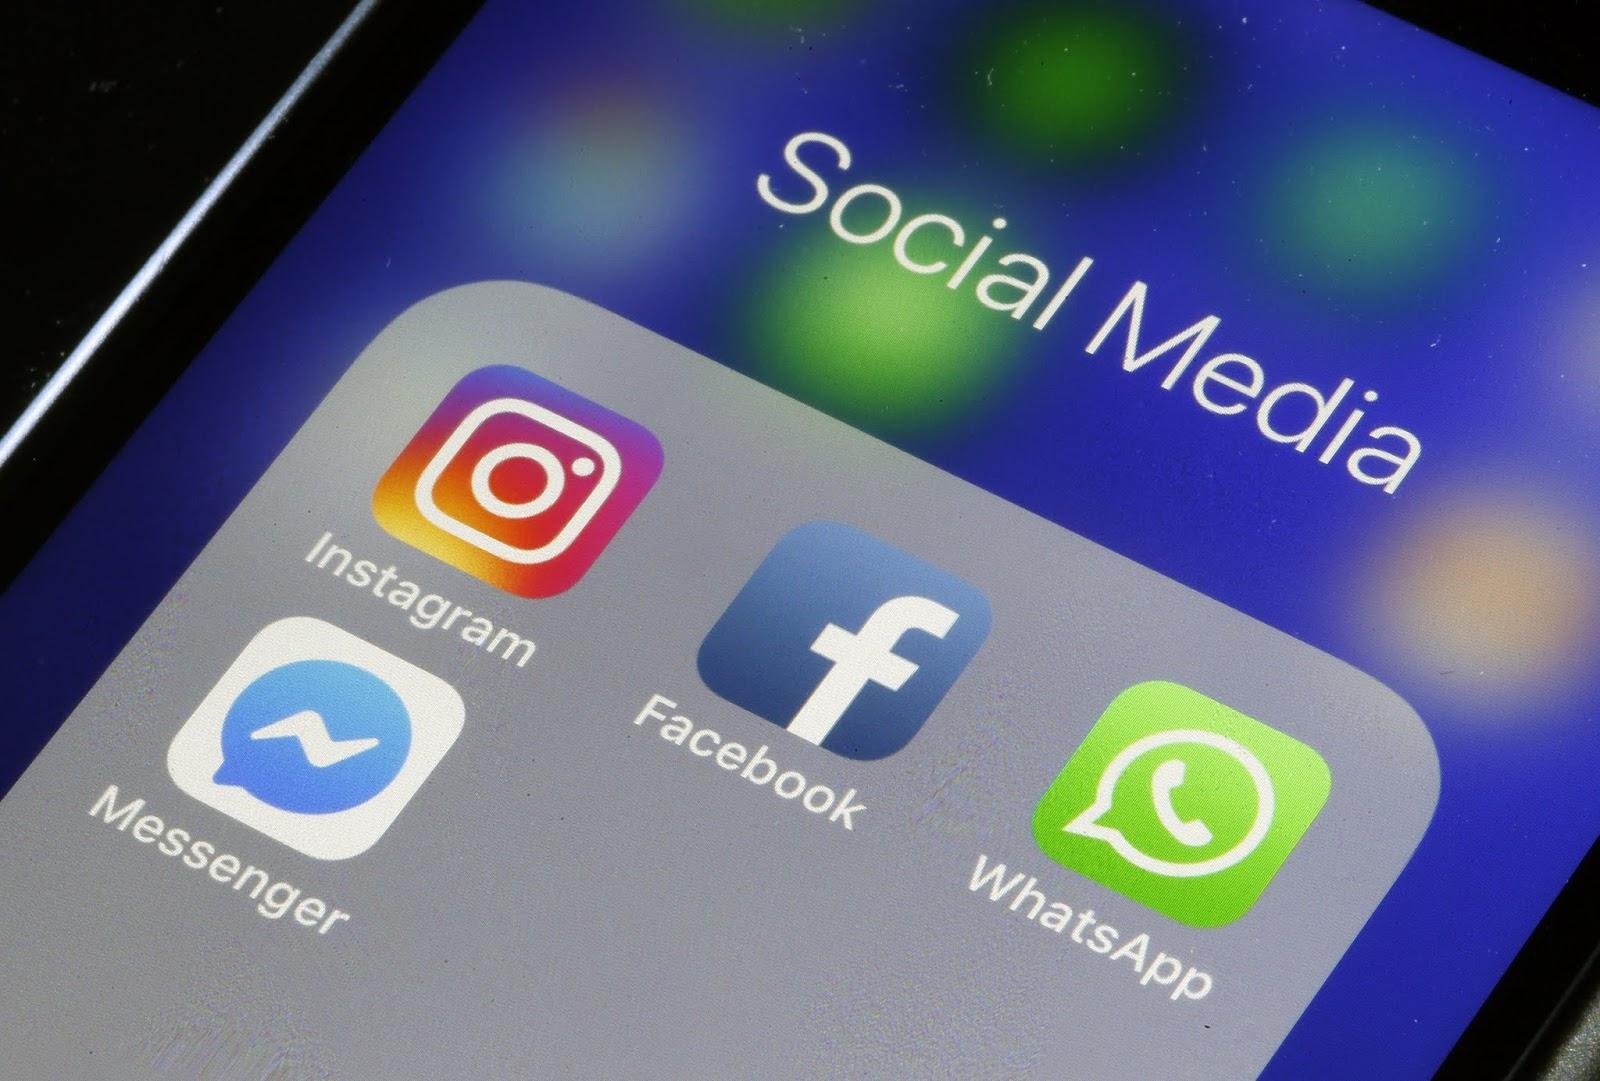 social media, ergomaniac